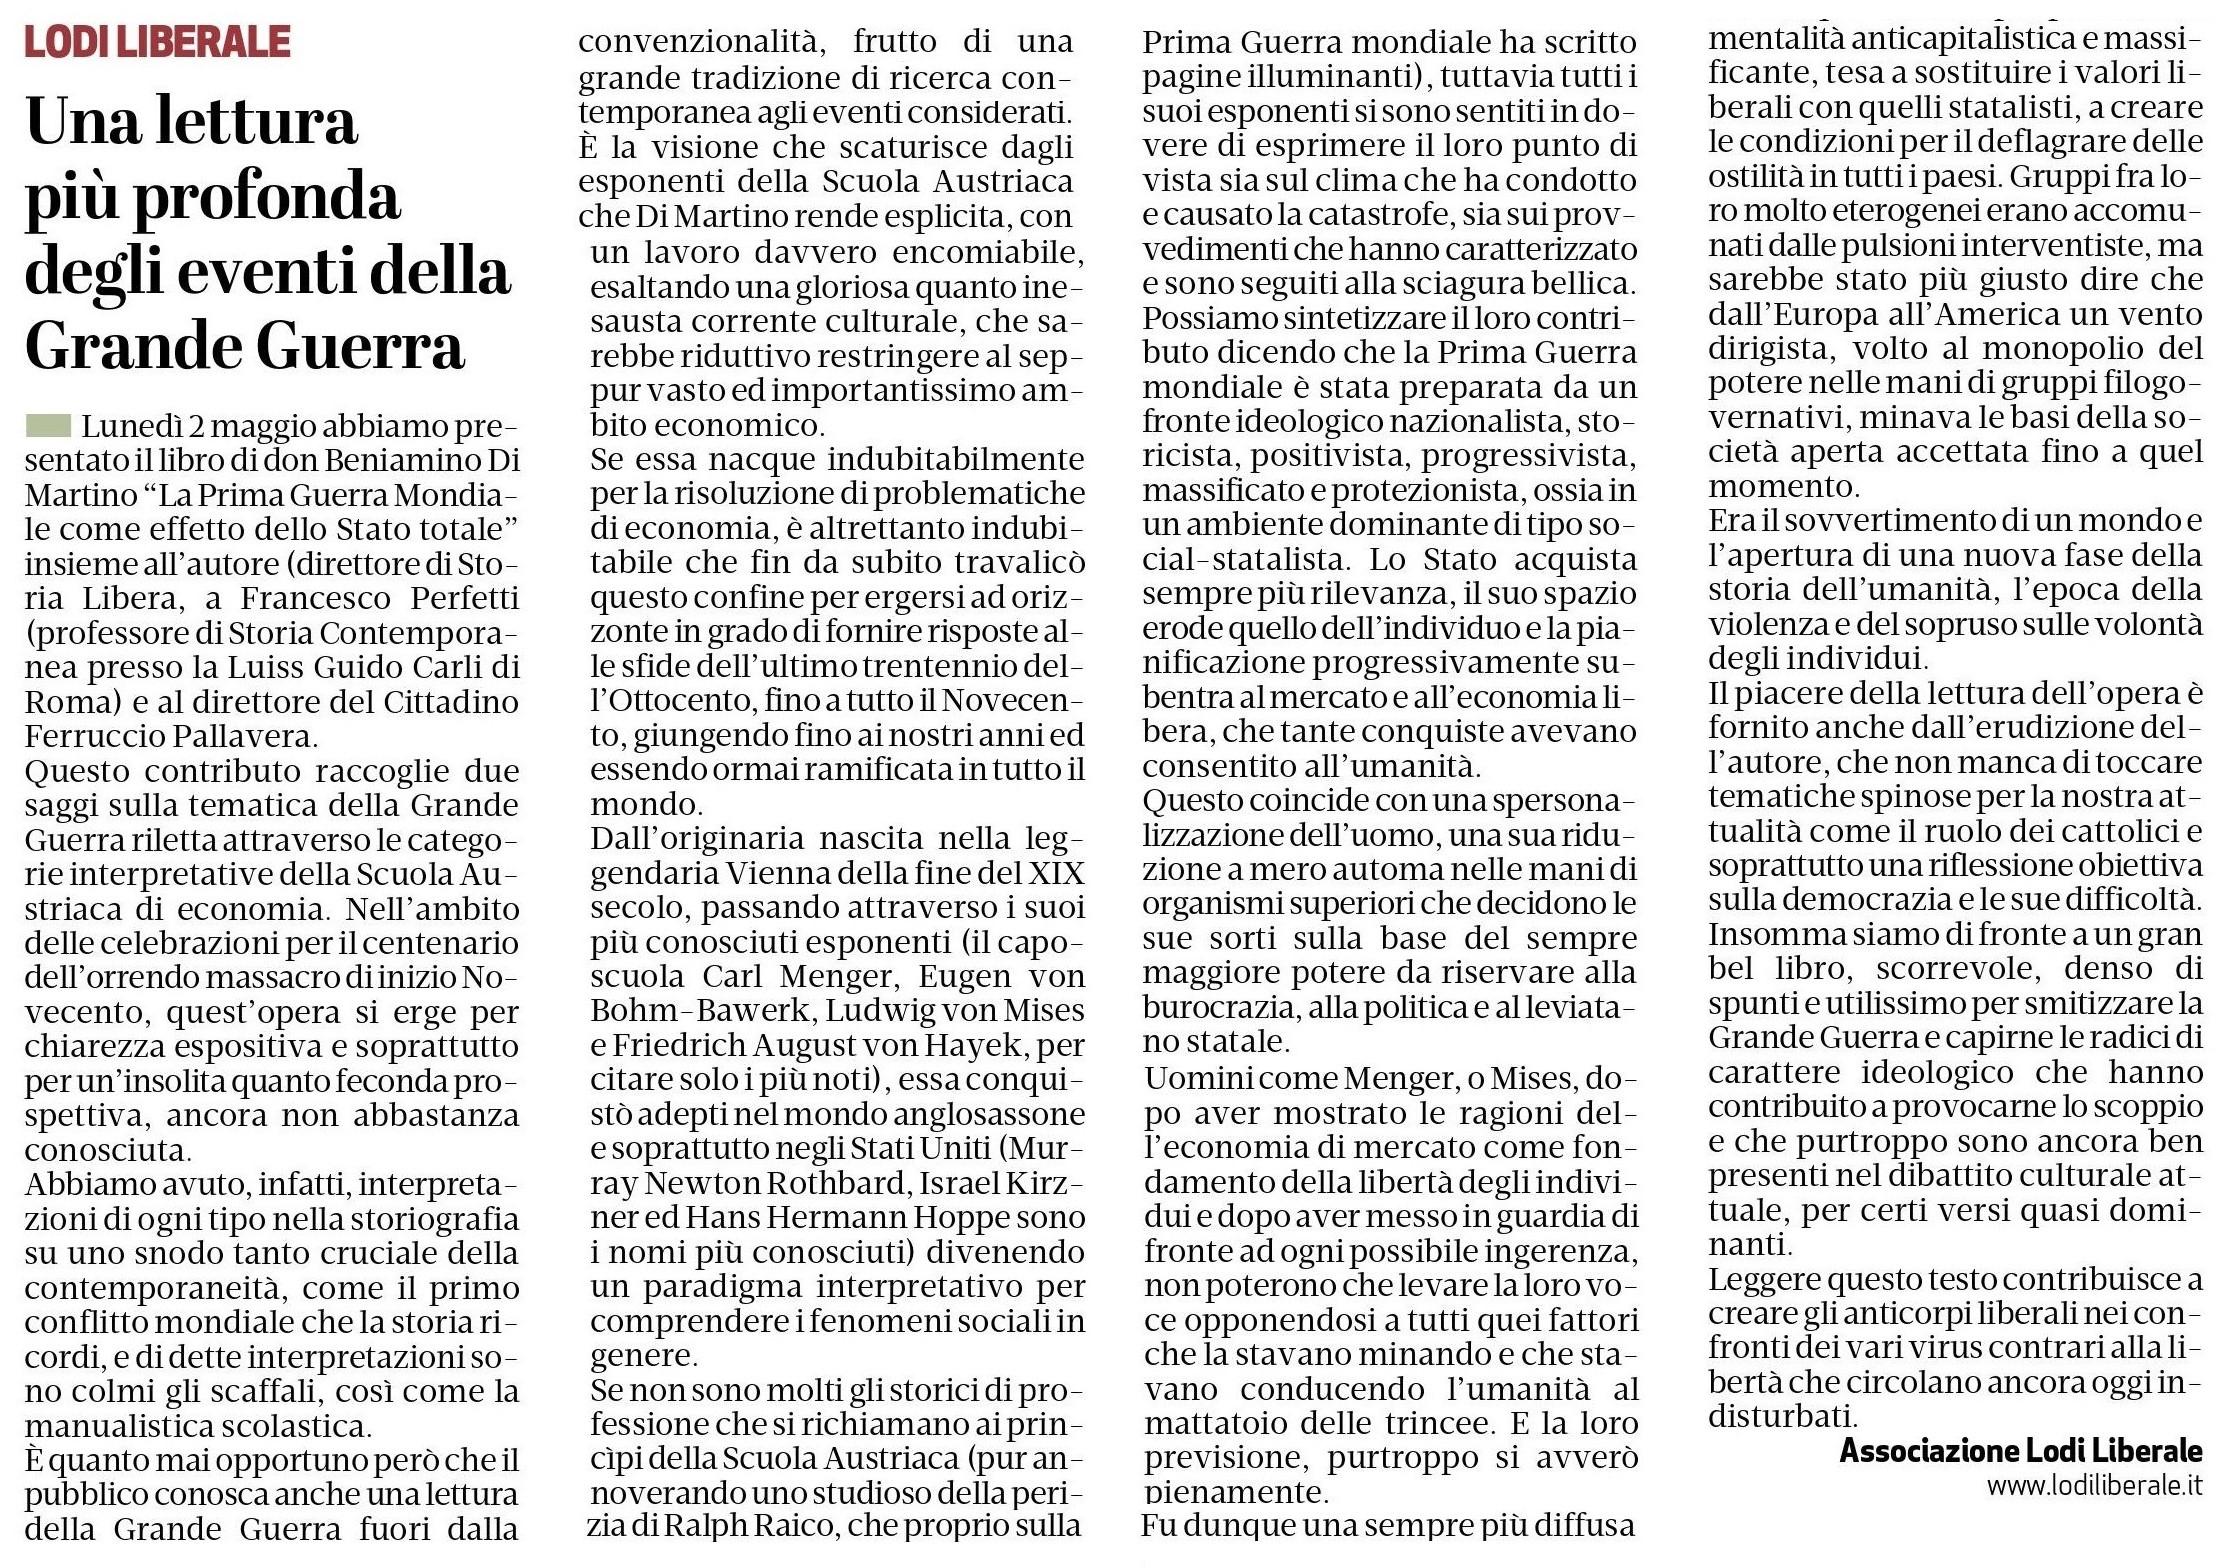 Associazione Lodi Liberale Recensione La Prima Guerra Mondiale come effetto dello Stato totale Don Beniamino Di Martino, Francesco Perfetti